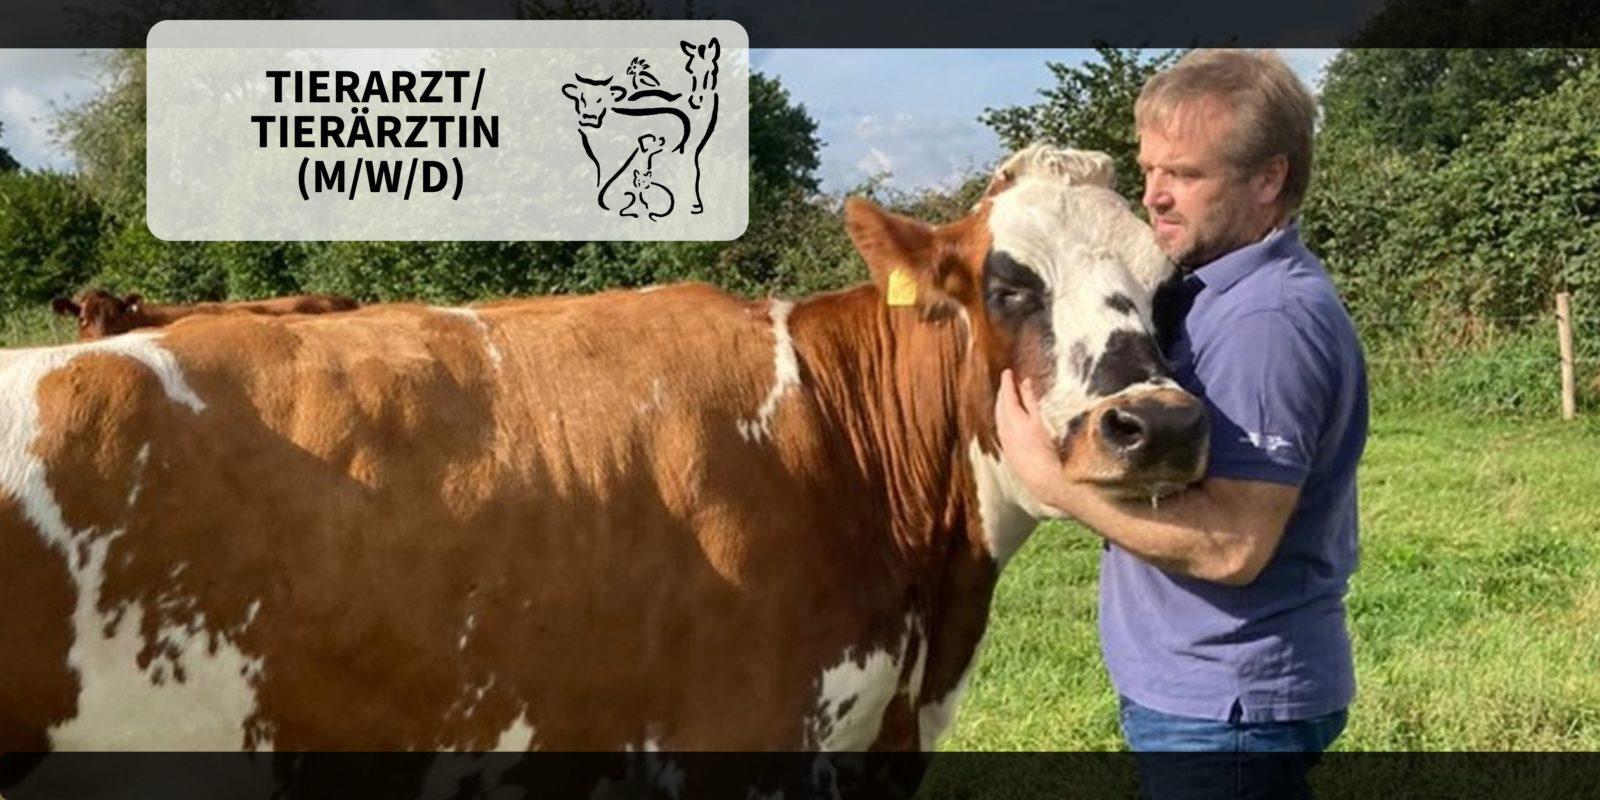 Tierärztliche Gemeinschaftspraxis in Kropp - Tierarzt (m/w/d) für Nutztierbereich in Kropp, Schleswig-Holstein